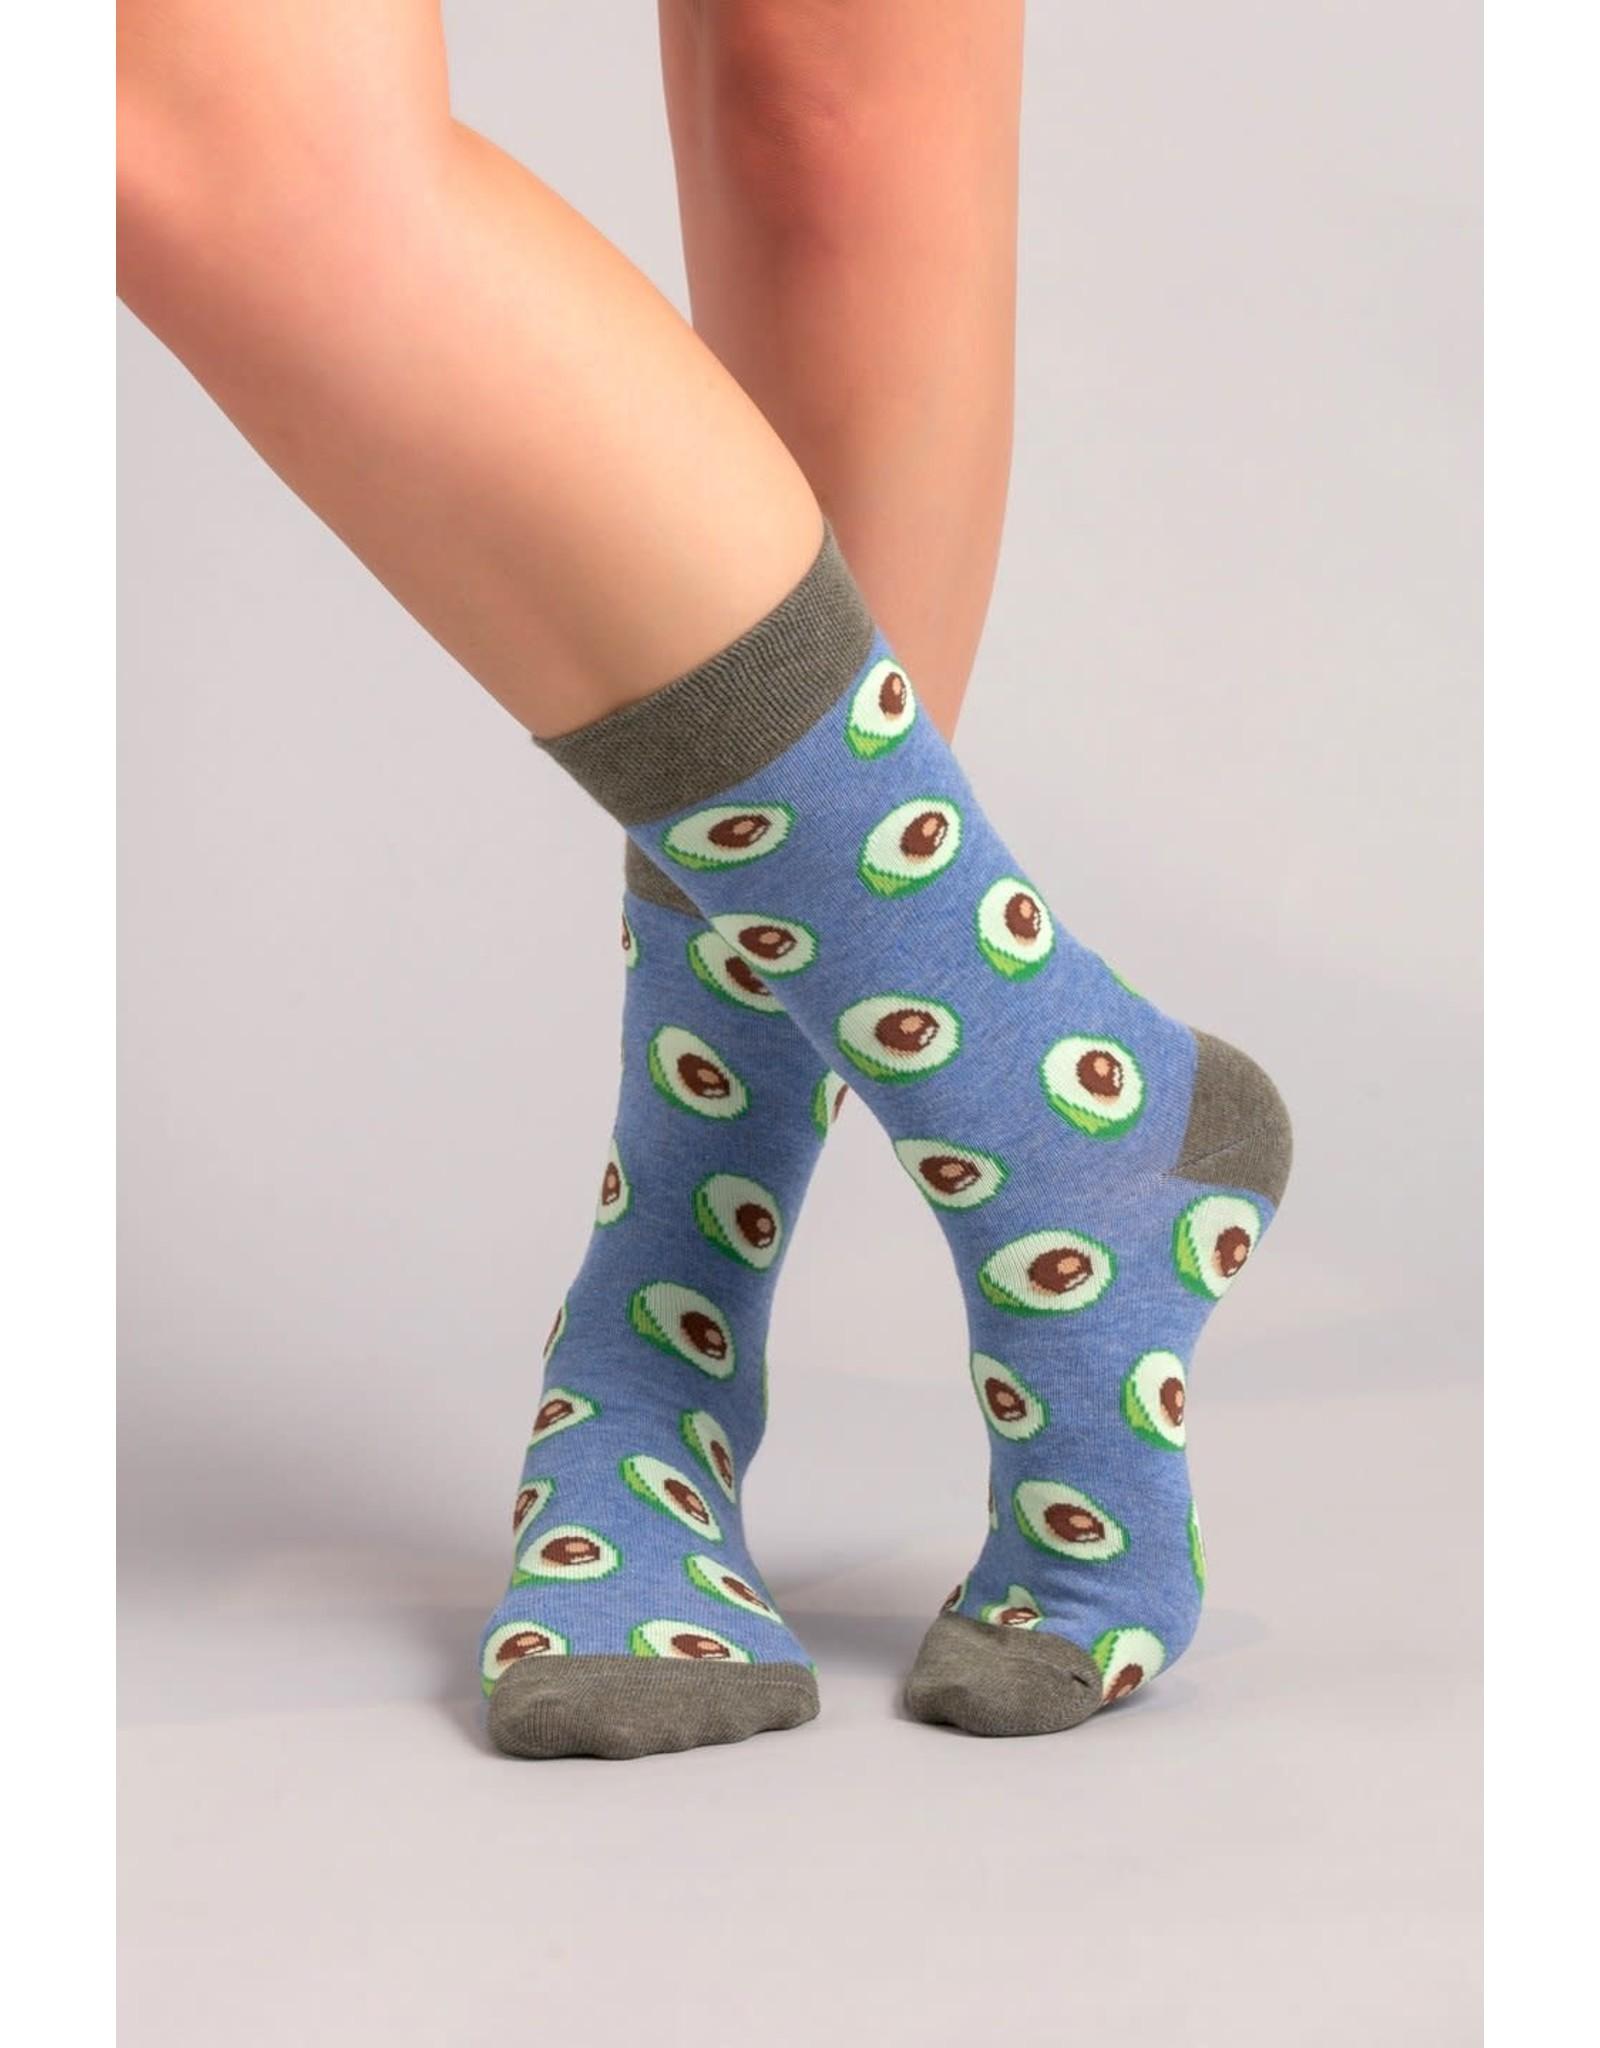 Moustard socks - avocado (36-40)